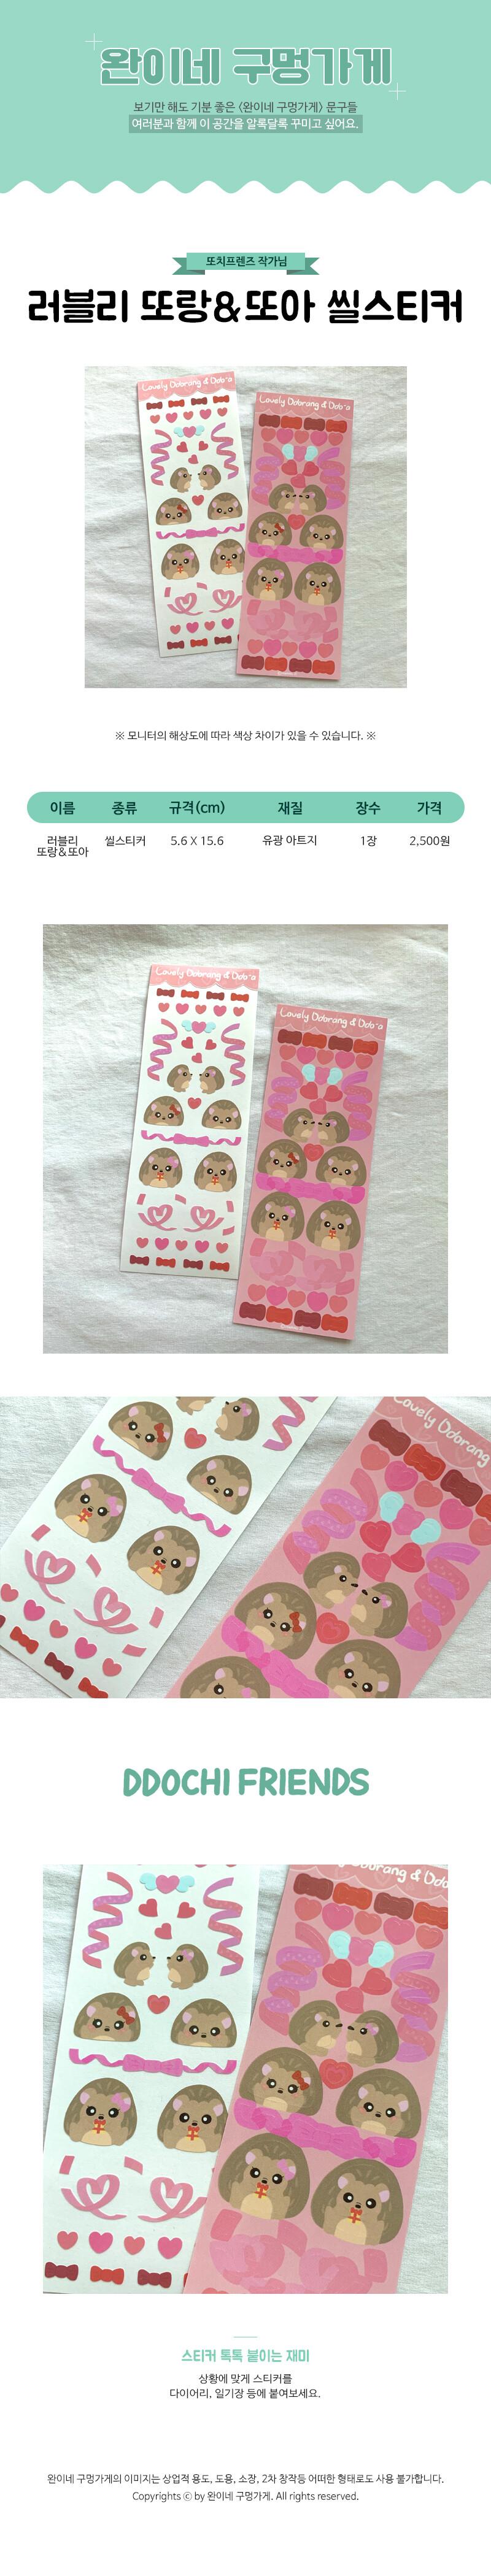 sticker989